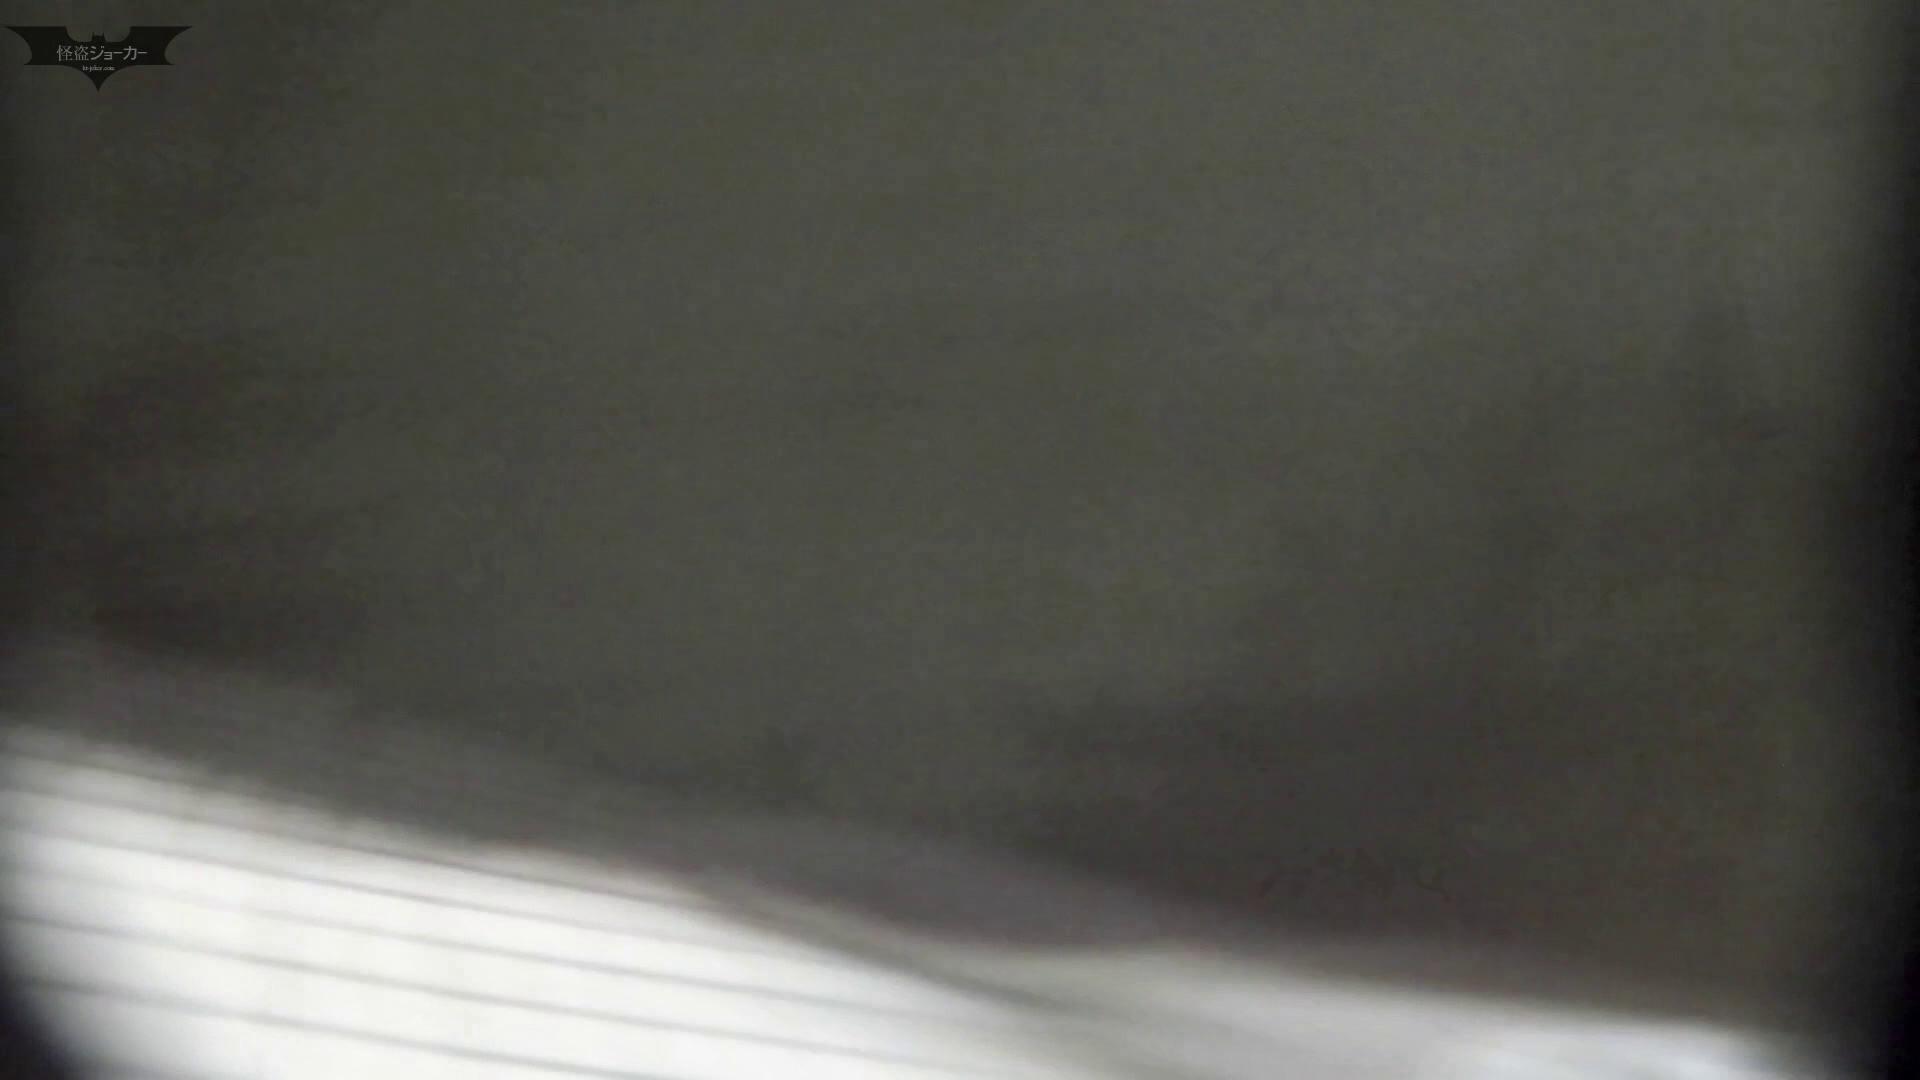 洗面所特攻隊 vol.58驚異のしまり、【2015・25位】 ギャルズ | 高画質動画  69画像 25